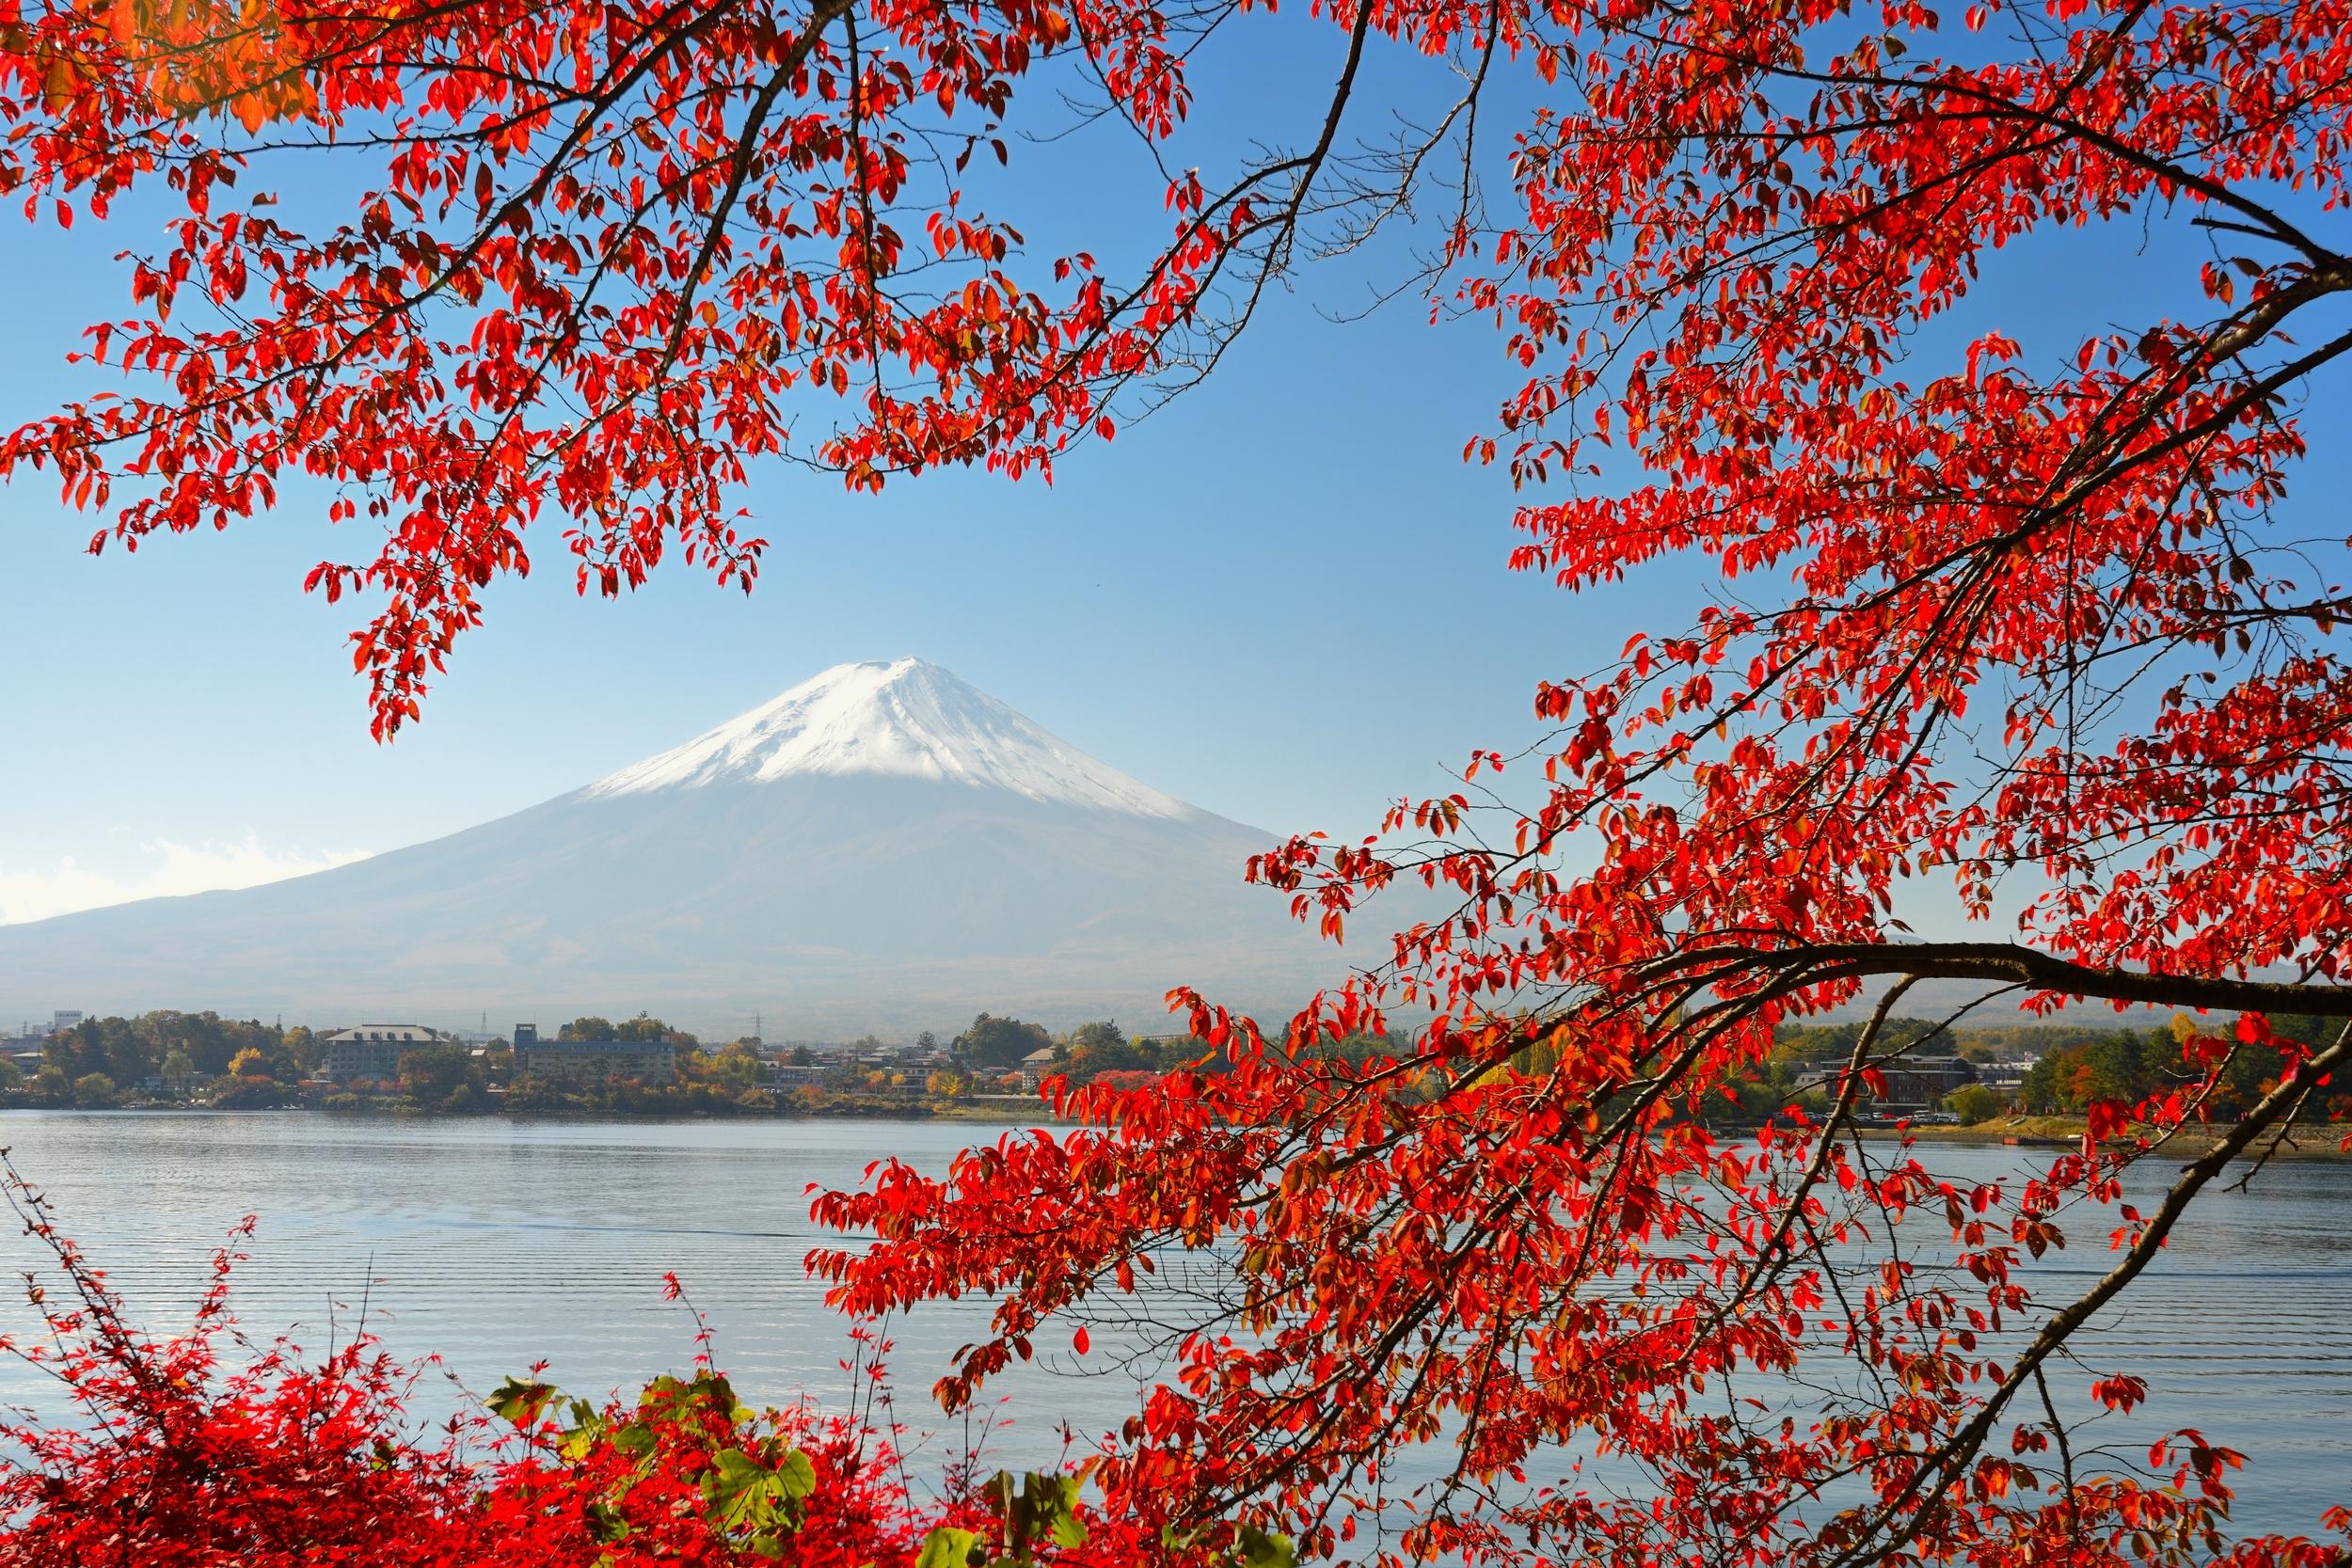 Mountain Fuji in The Fall Season